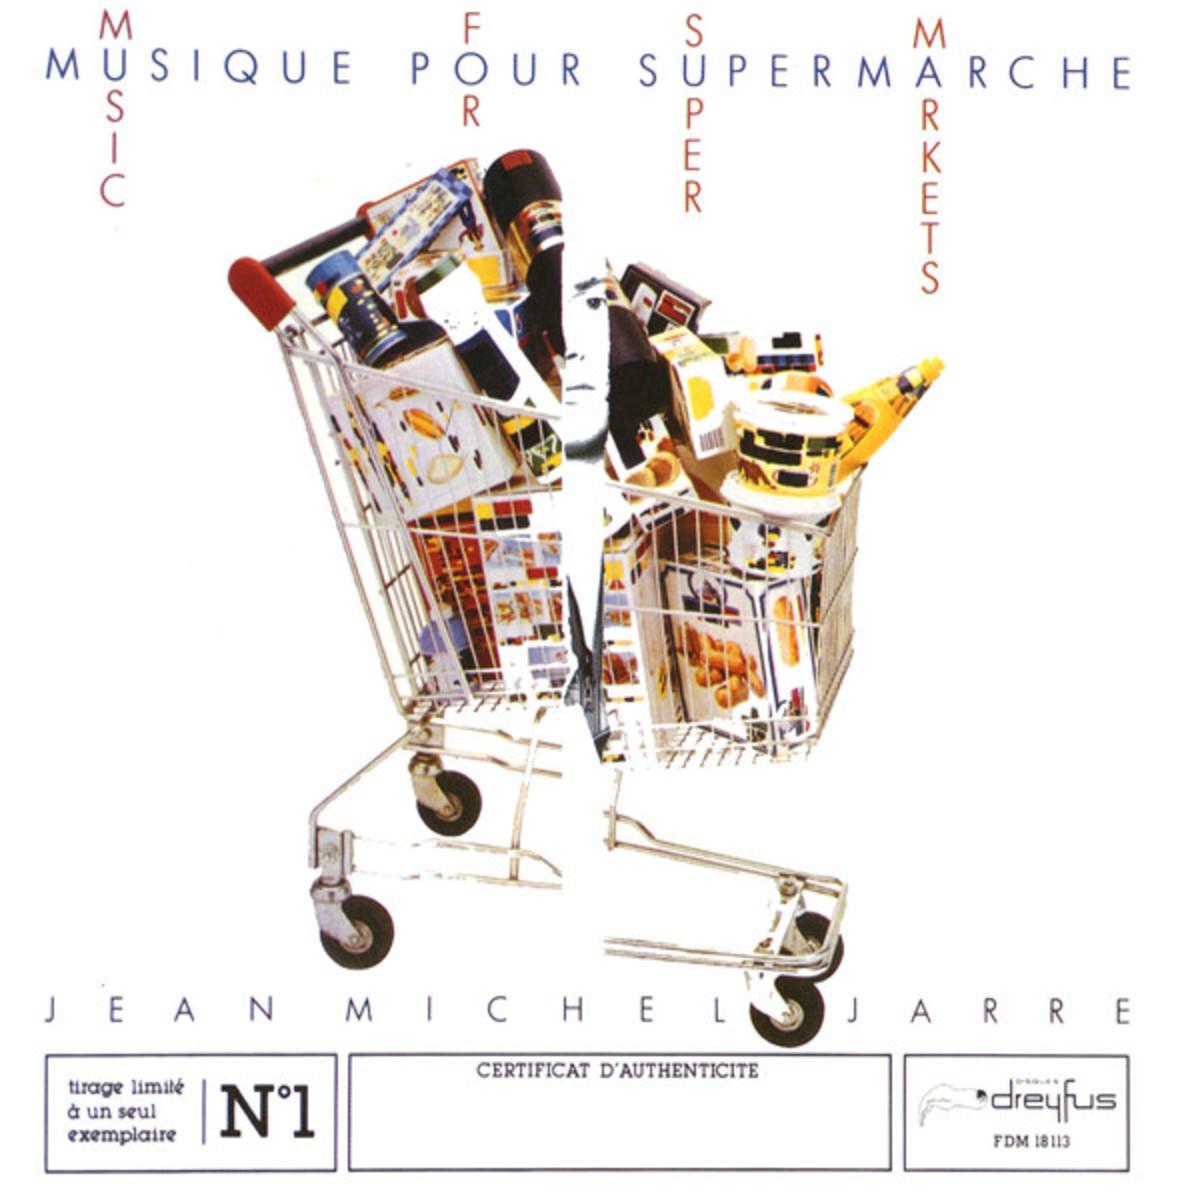 Jean Michel Jarre - Music For Supermarkets - Musique Pour Supermarché (1983)